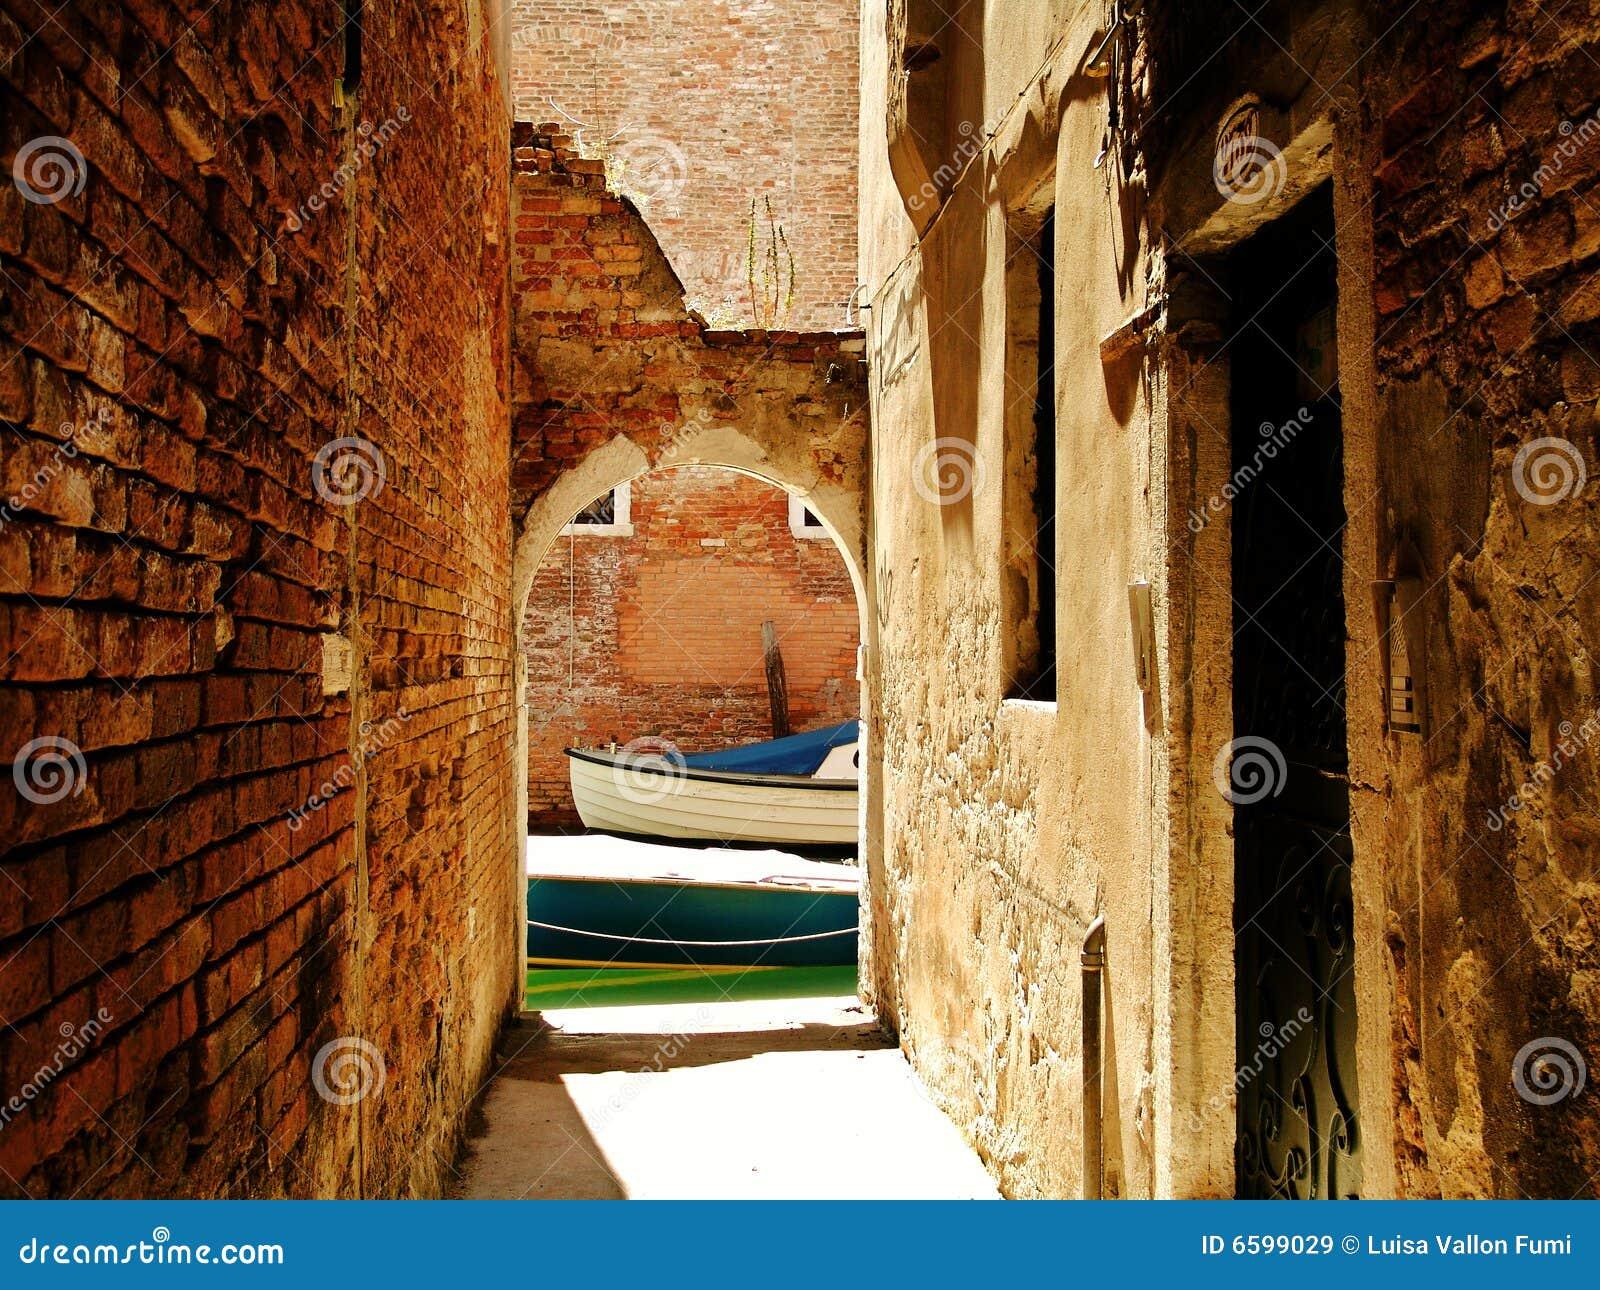 Venise, point de raccordement